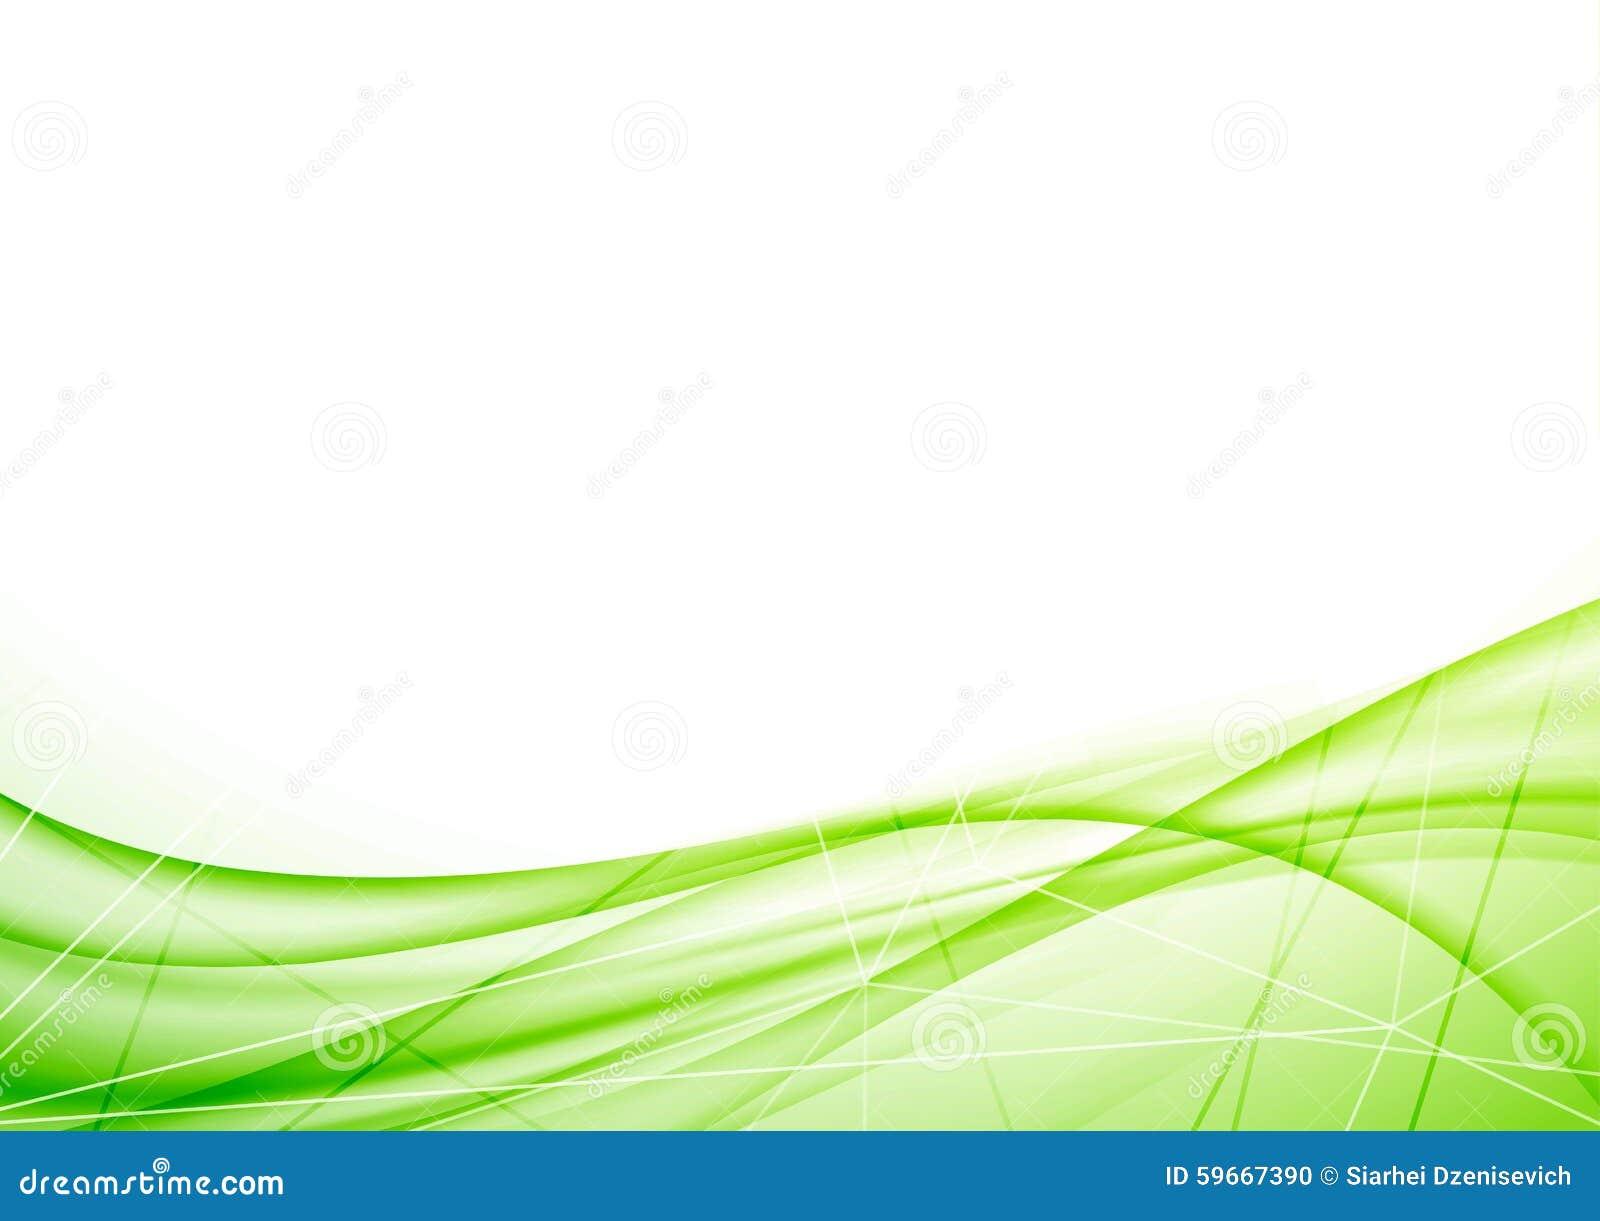 Helles eco geometrischer Plan grüner Welle